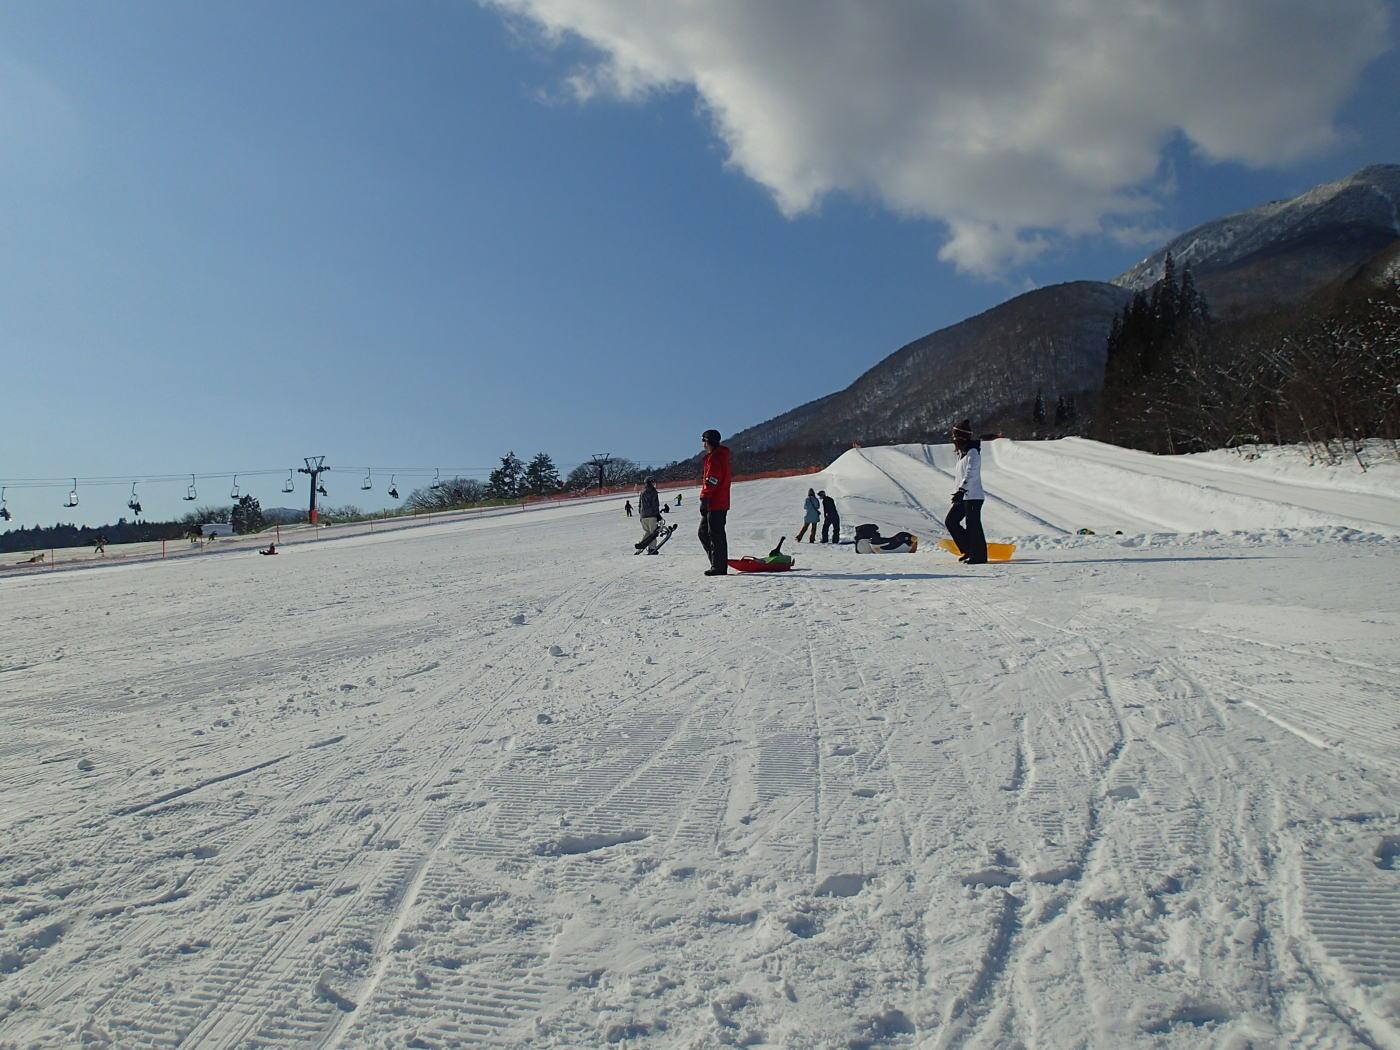 家族ファミリーで密を避けてのんびり雪遊びしたい人にお勧め!黒姫スノーパーク・ファミリーパーク